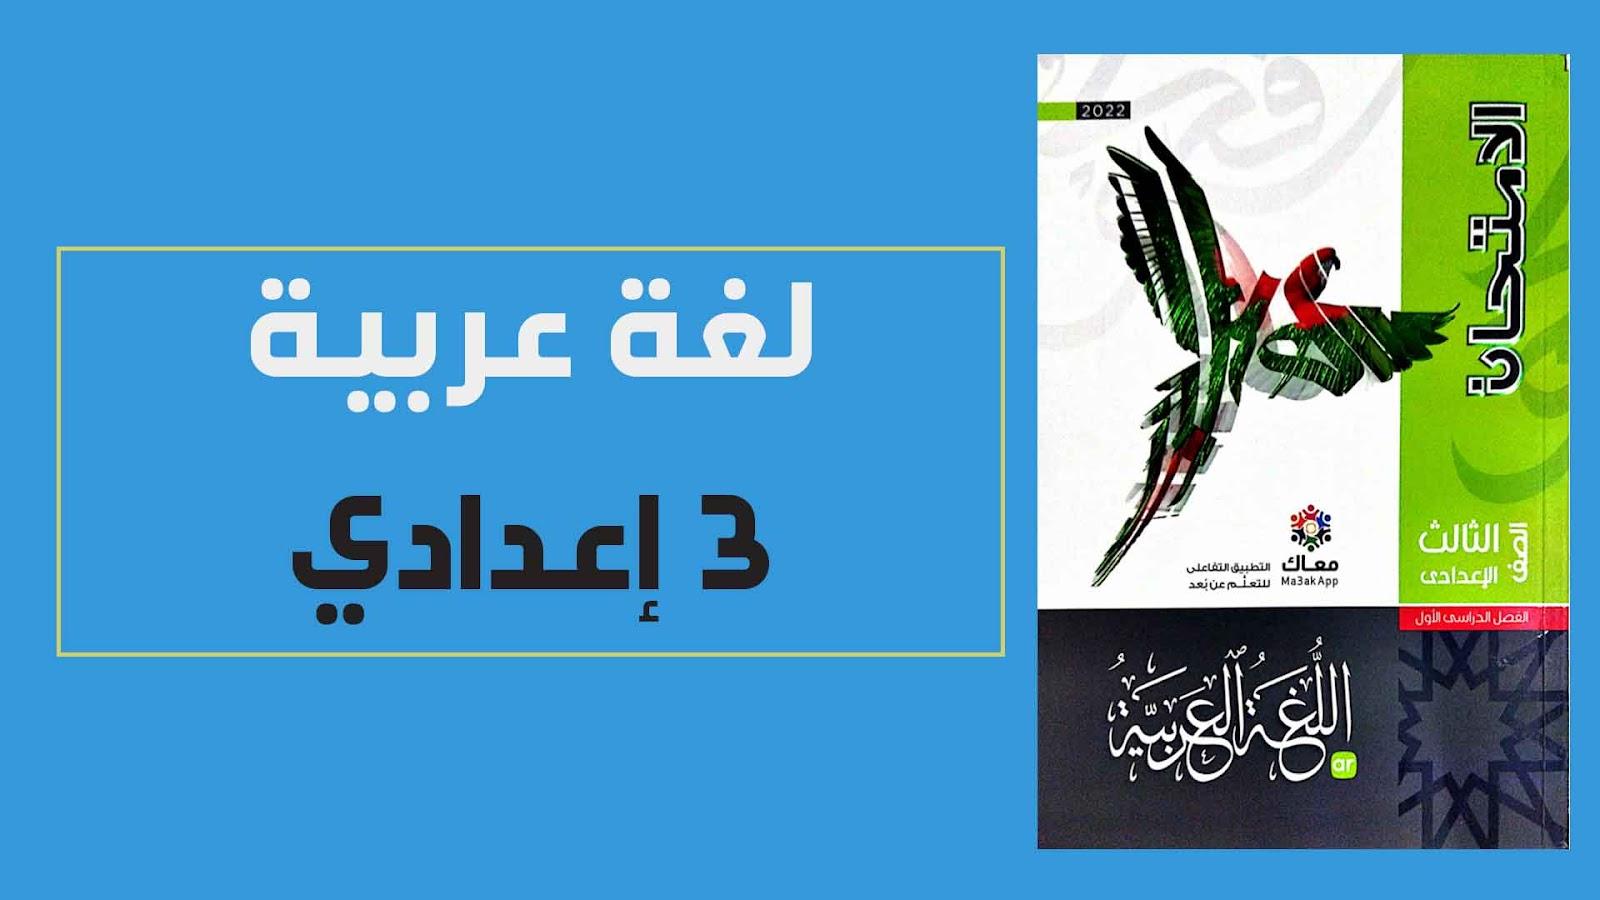 تحميل كتاب الامتحان فى اللغة العربية للصف الثالث الاعدادى الترم الاول 2022 pdf (كتاب الشرح)